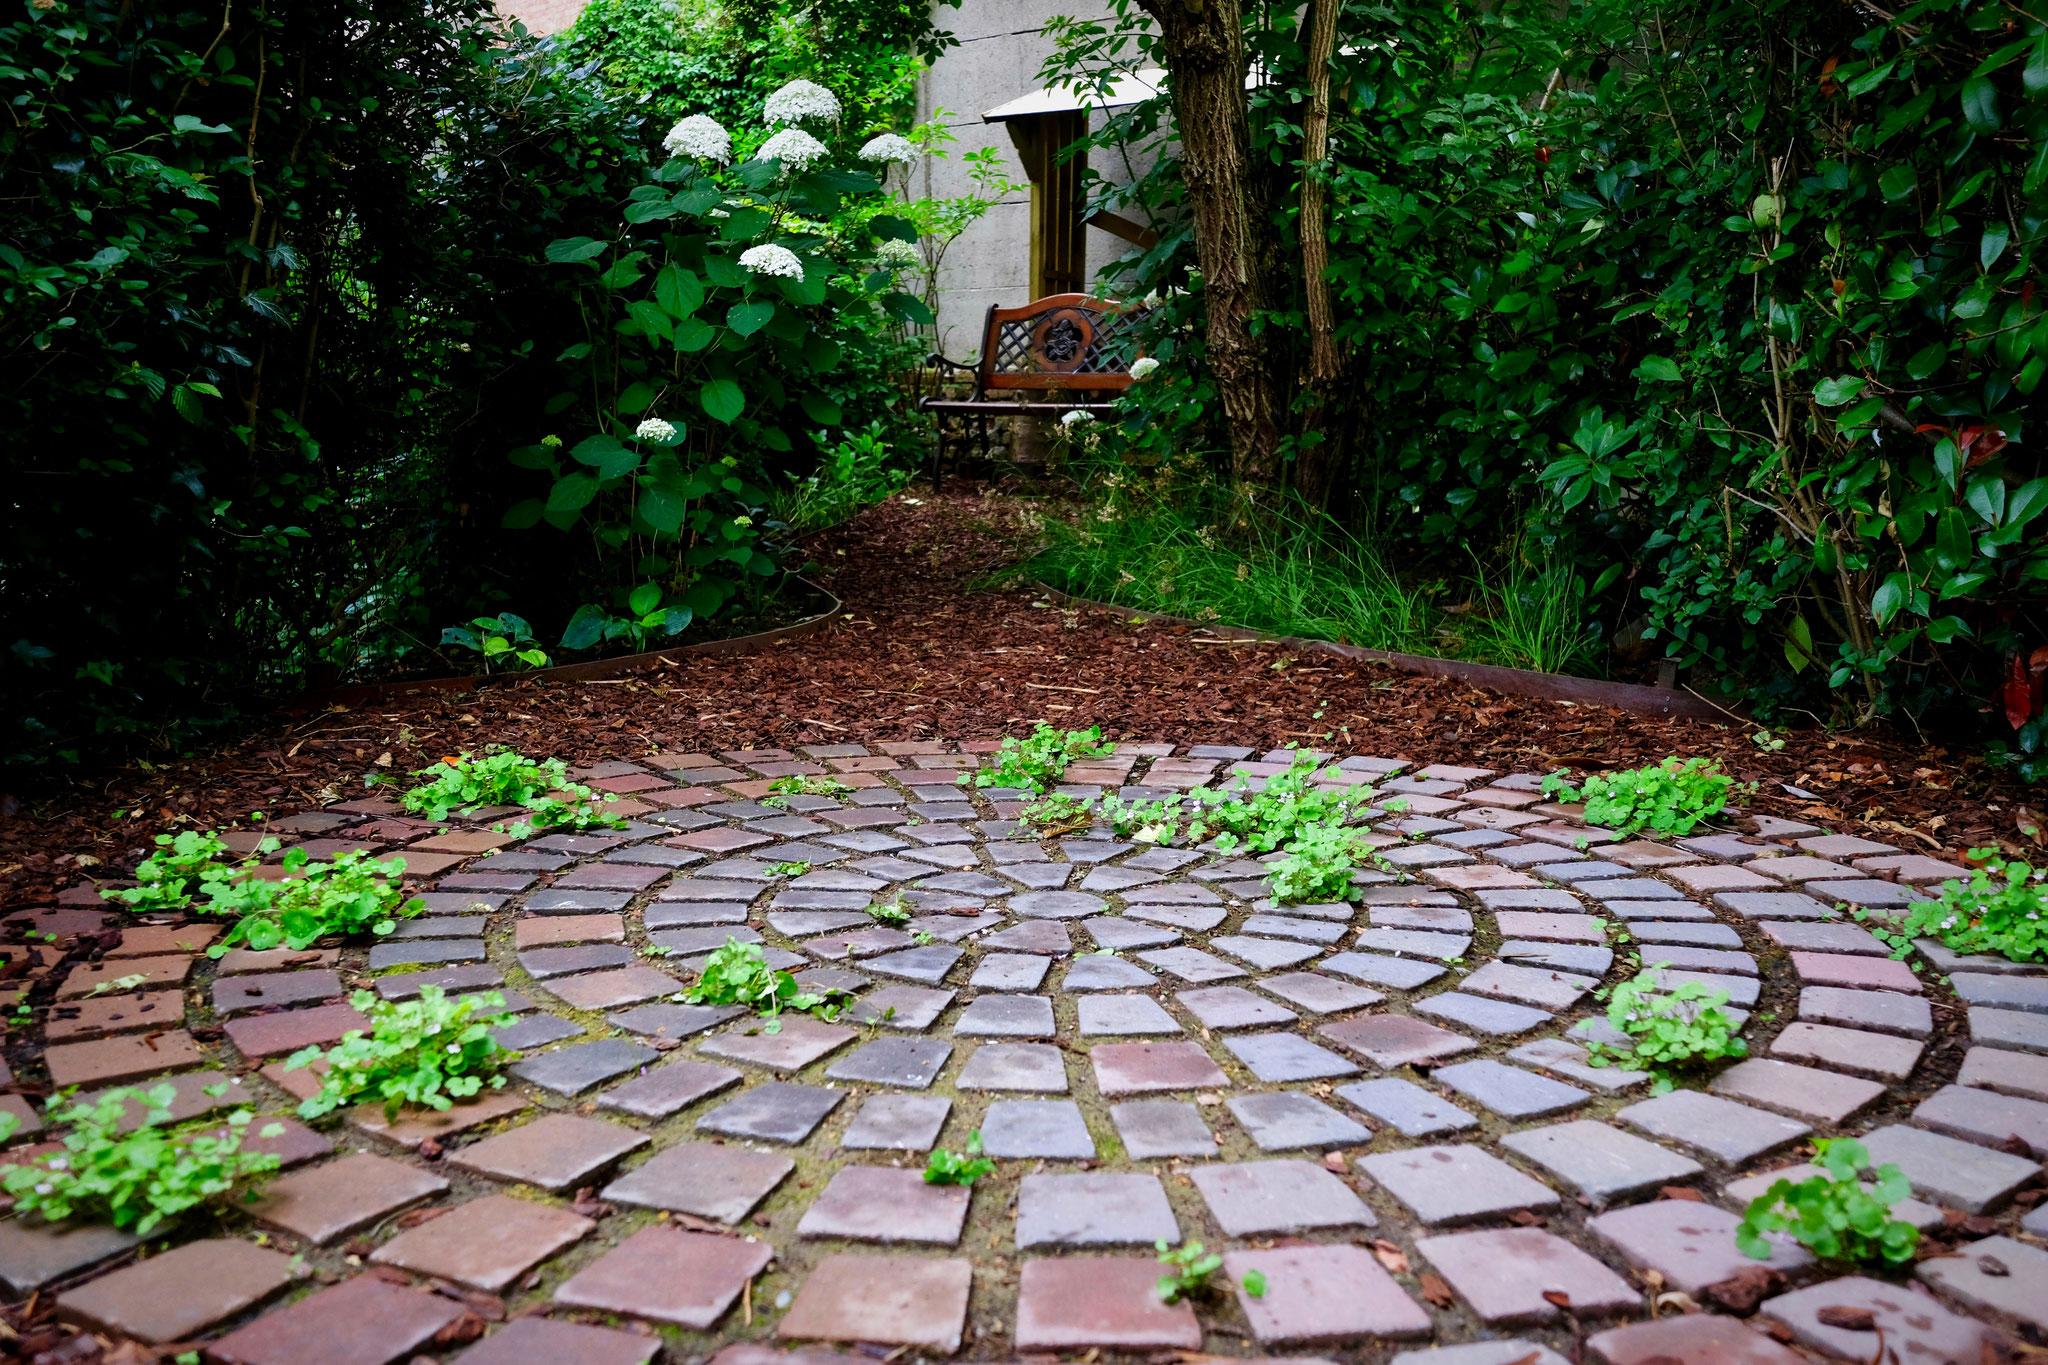 Jardin de ville 120m2 - Agroforesterie urbaine - A ras de la terrasse arrière. Aménagement jardin Bruxelles.